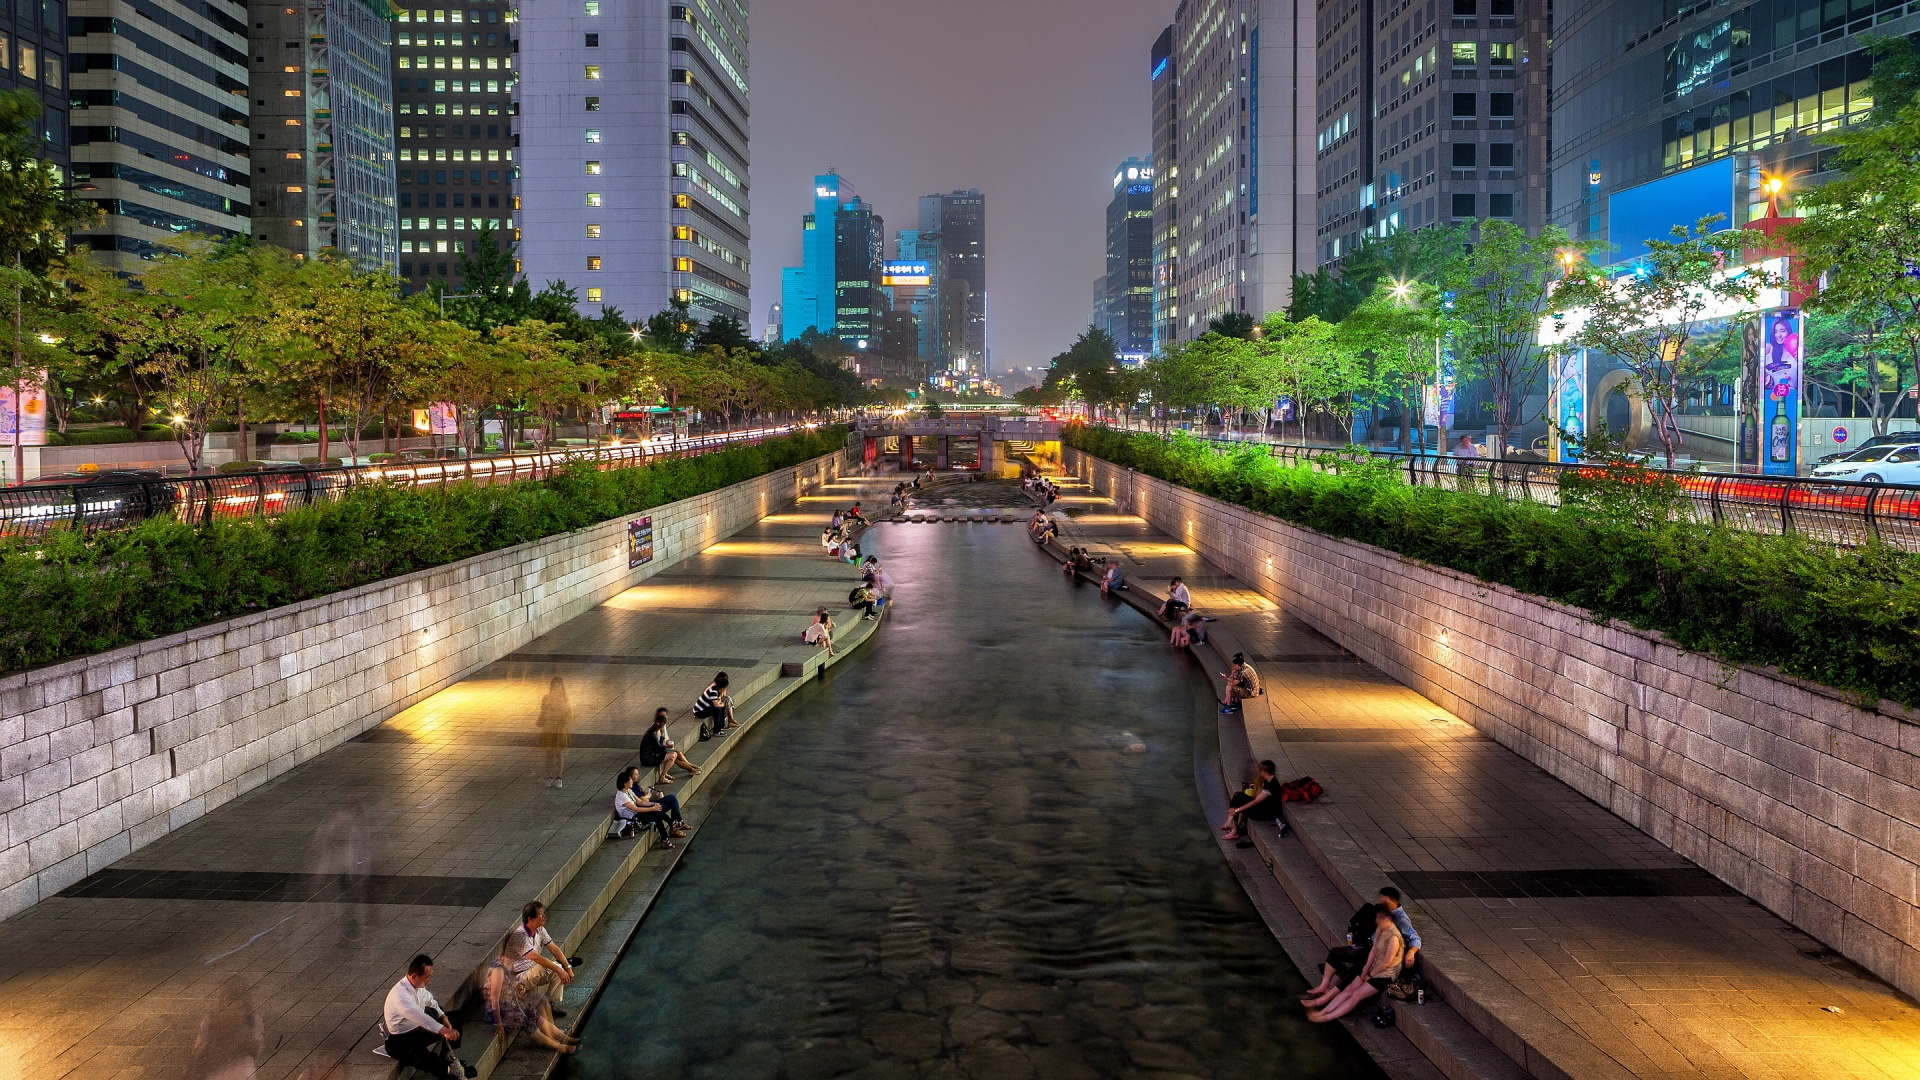 Stefania e la sua vita in corea del sud voglio vivere cos for Piani di vita del sud